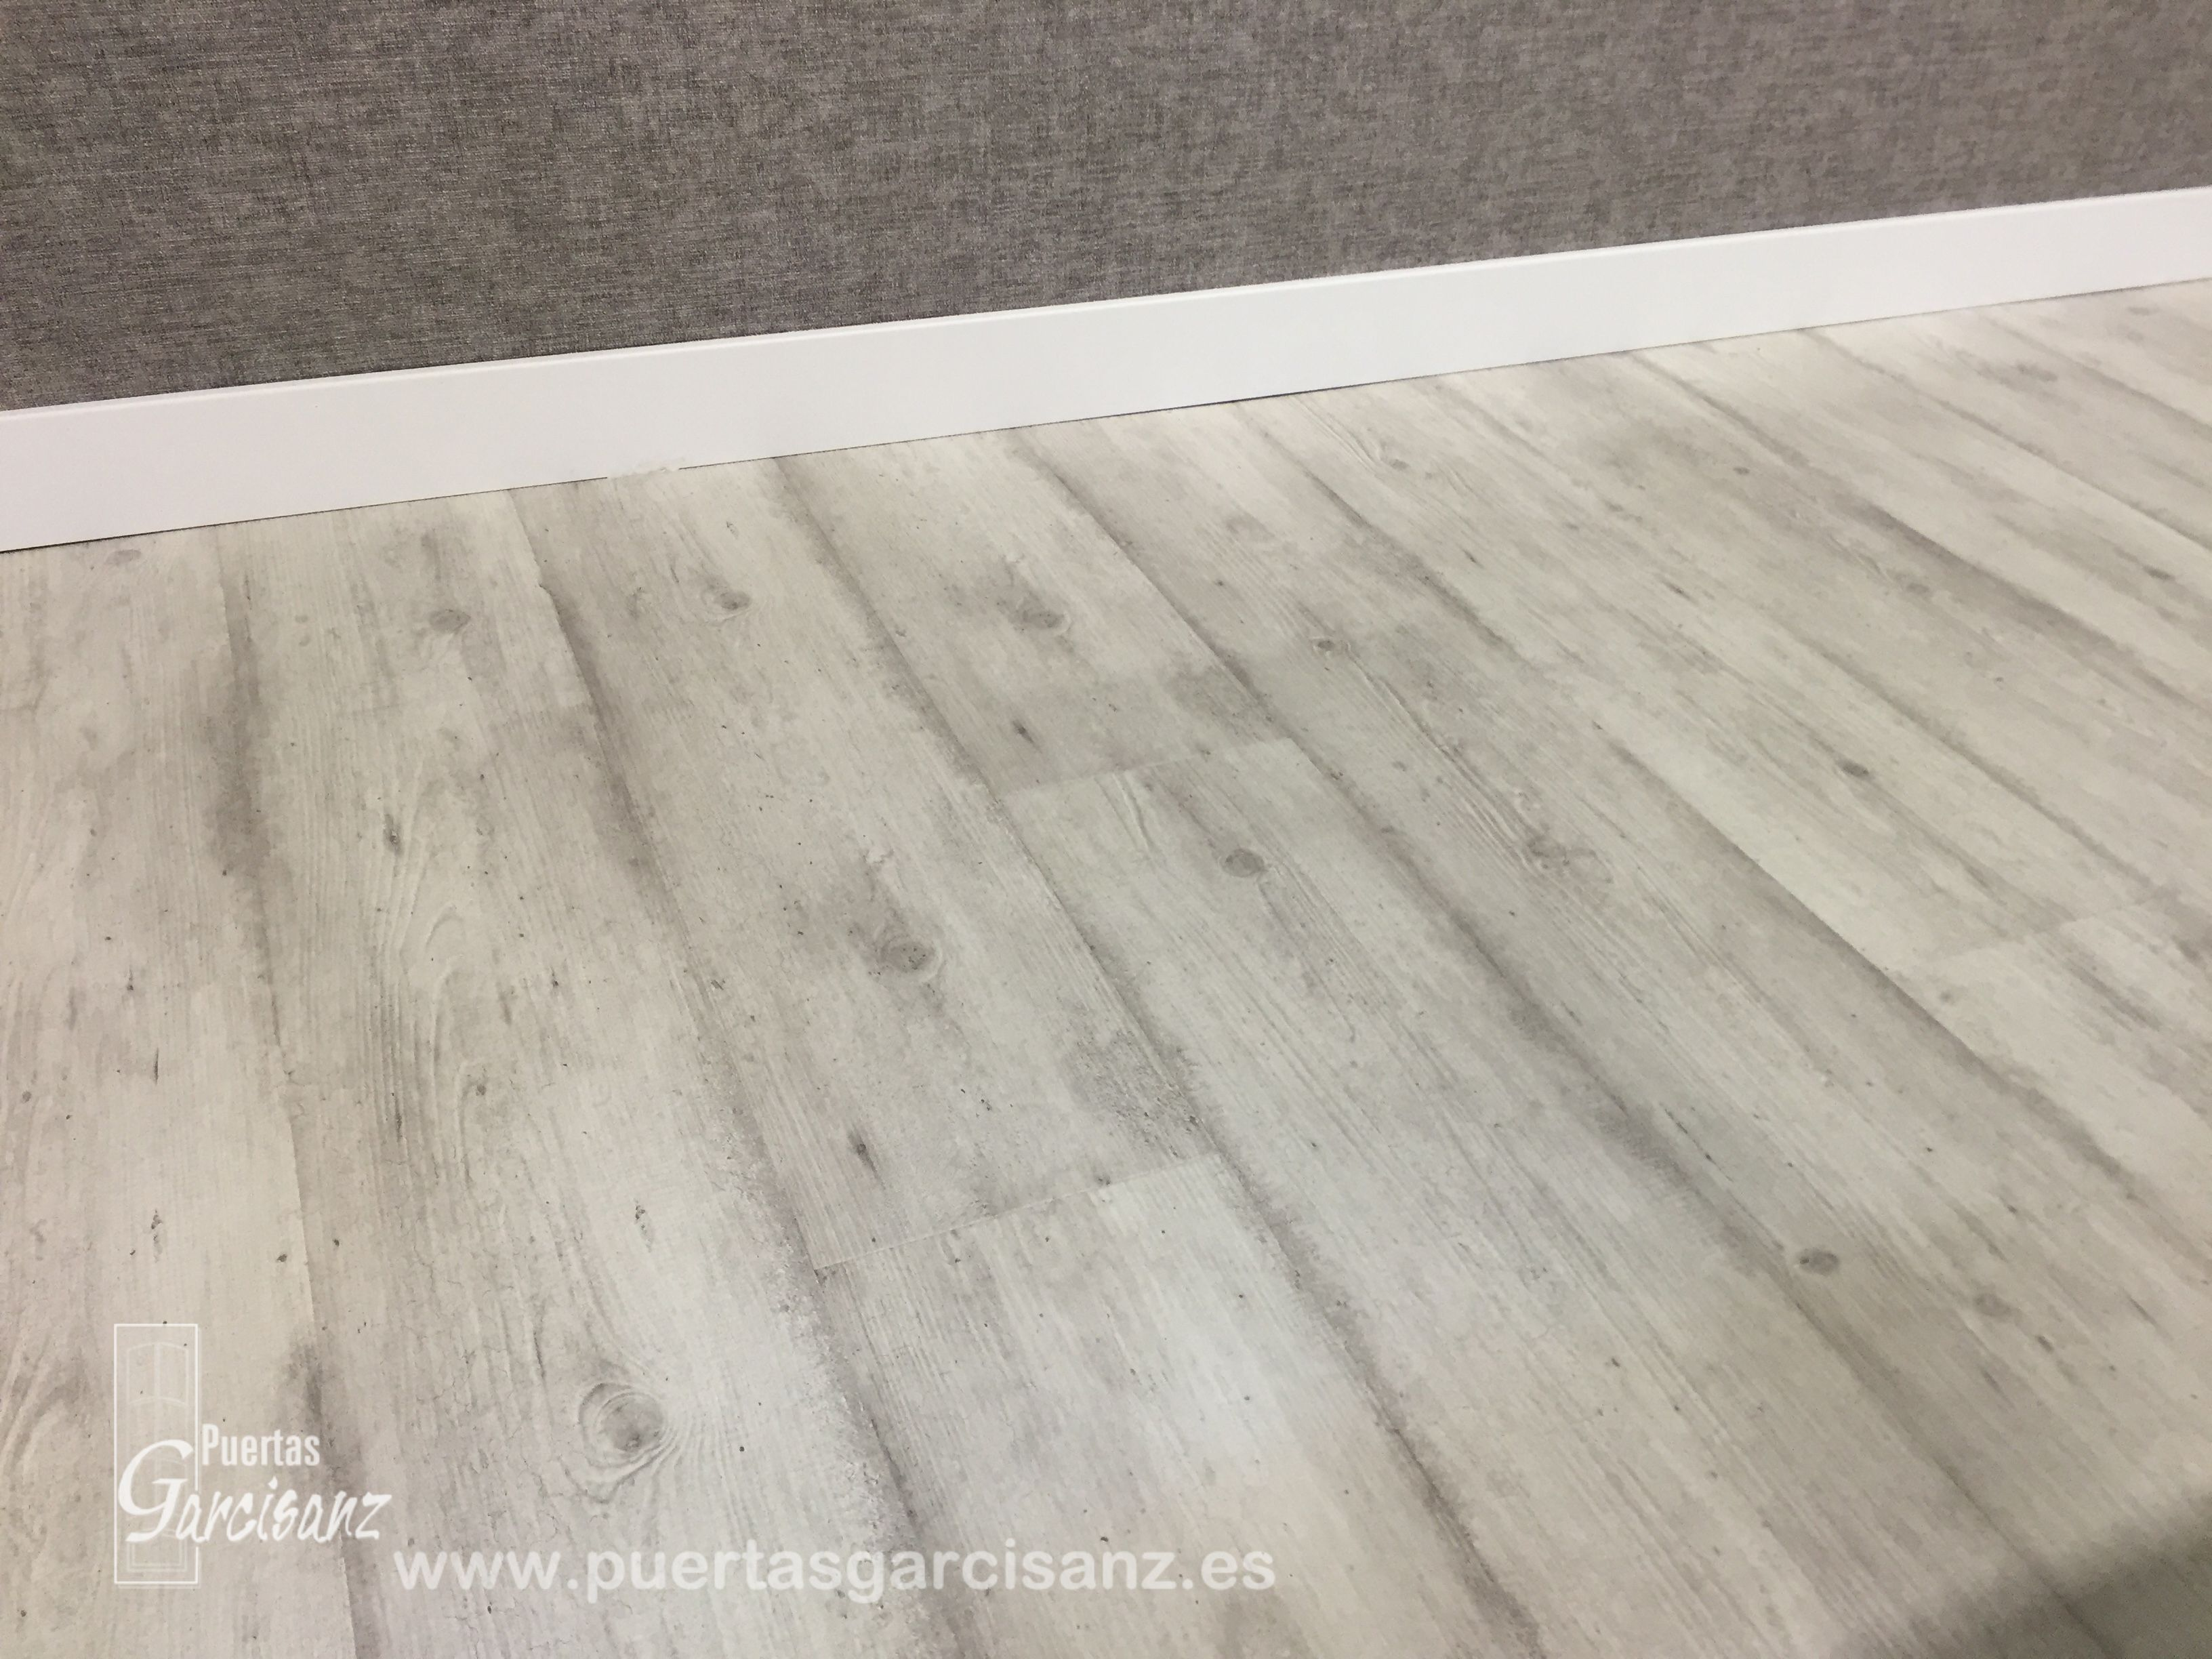 Suelo laminado quick step impressive ref im 1861 cemento for Suelos laminados claros